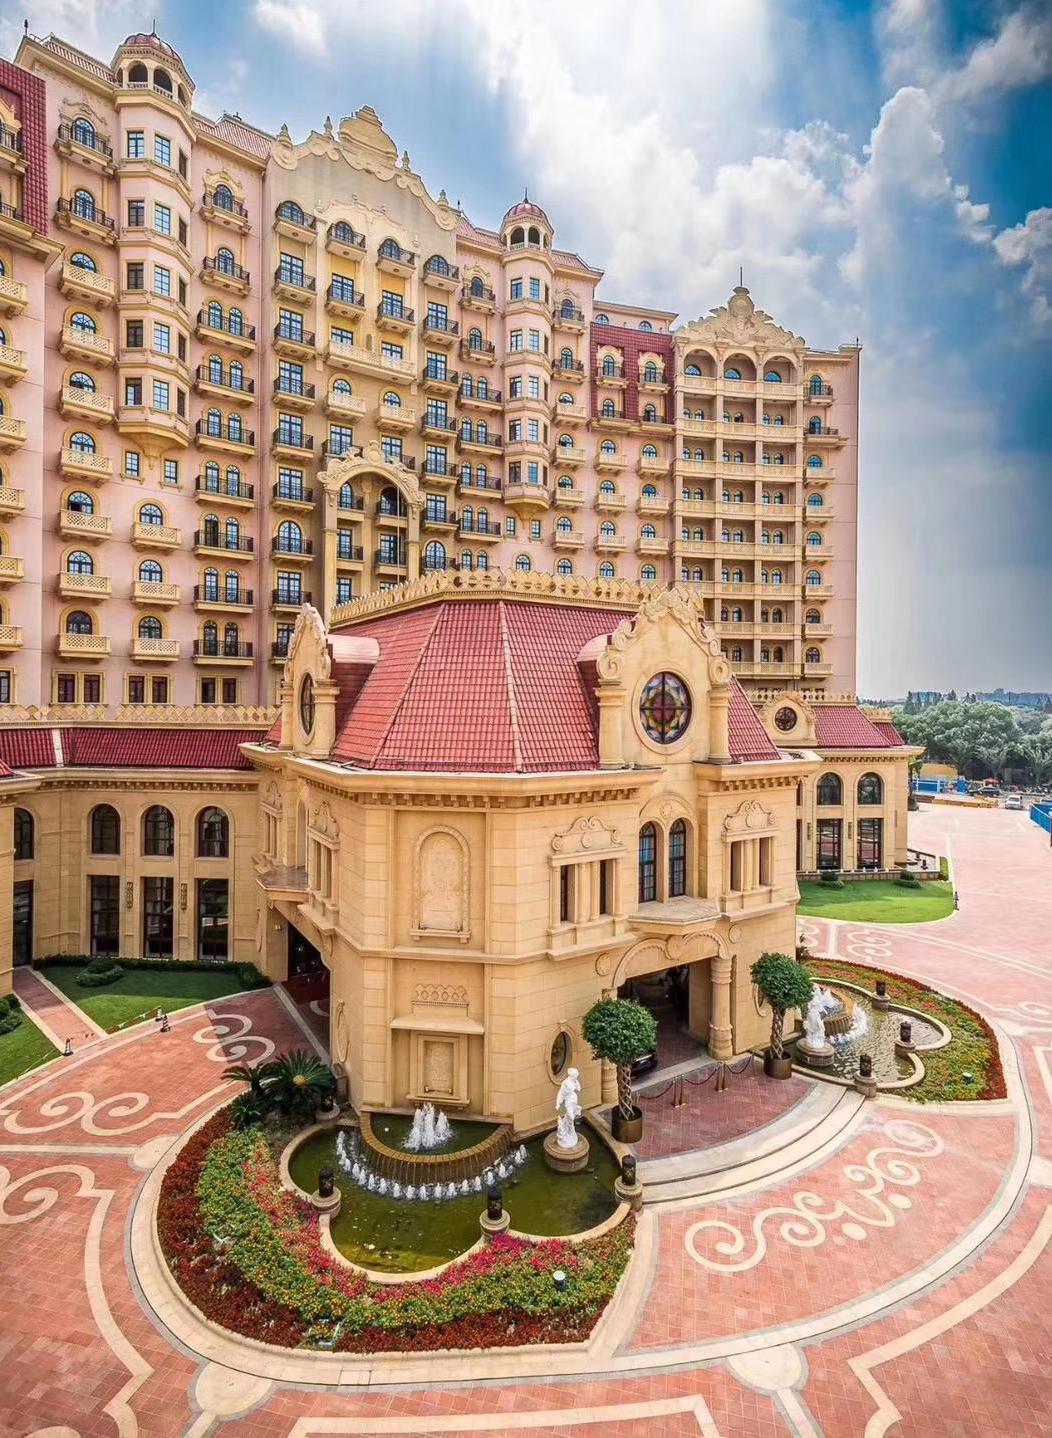 上海虹桥西郊庄园丽笙大酒店